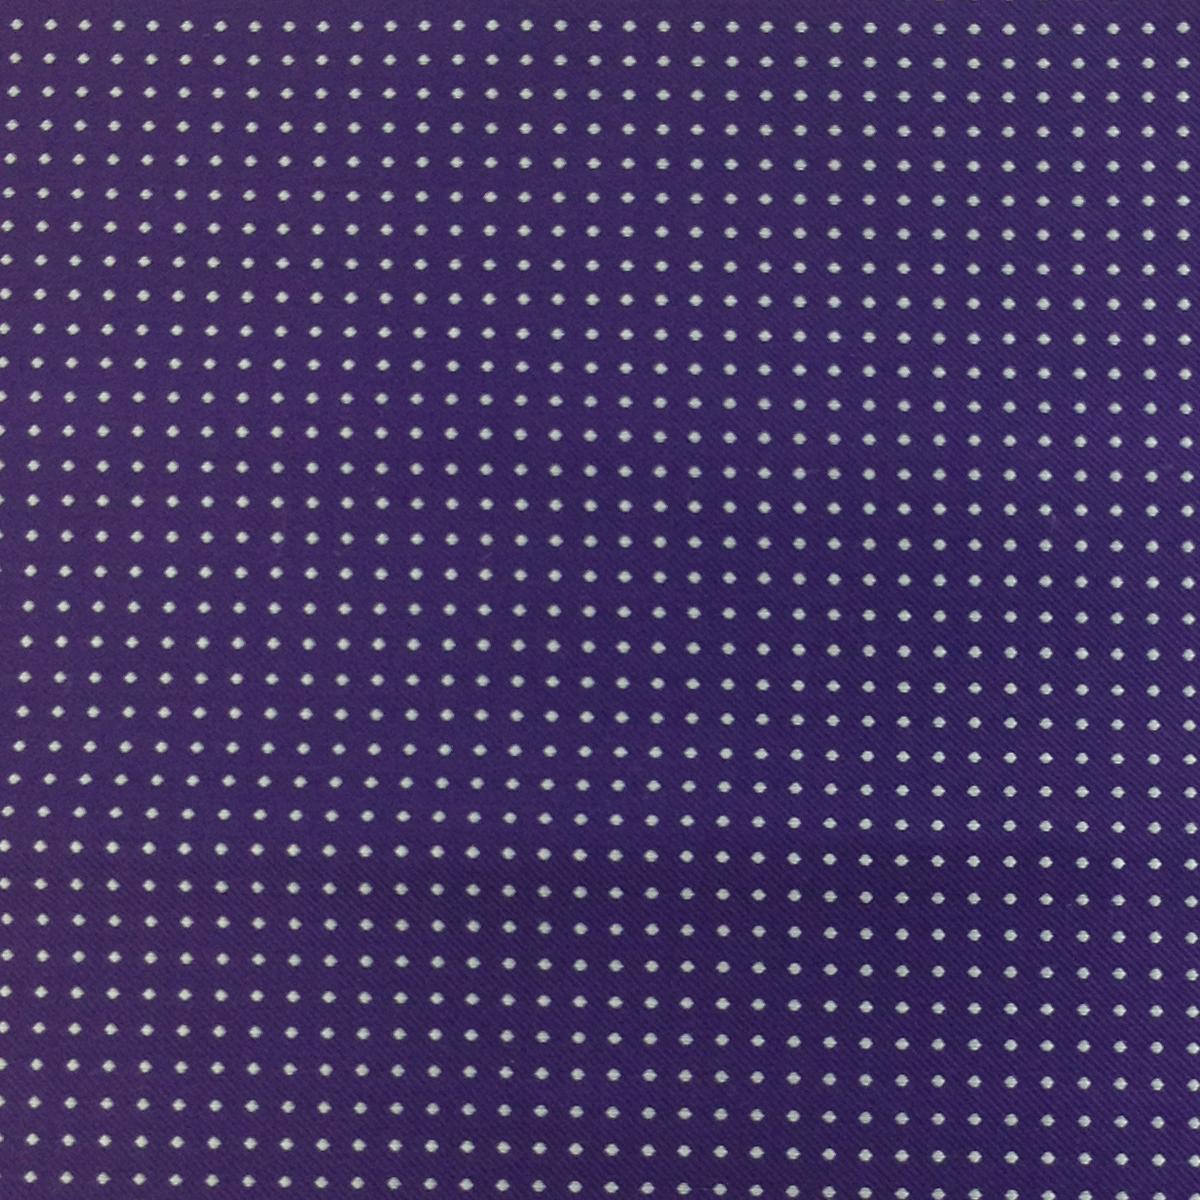 N657 spots PURPLE - - Con Murphys Menswear